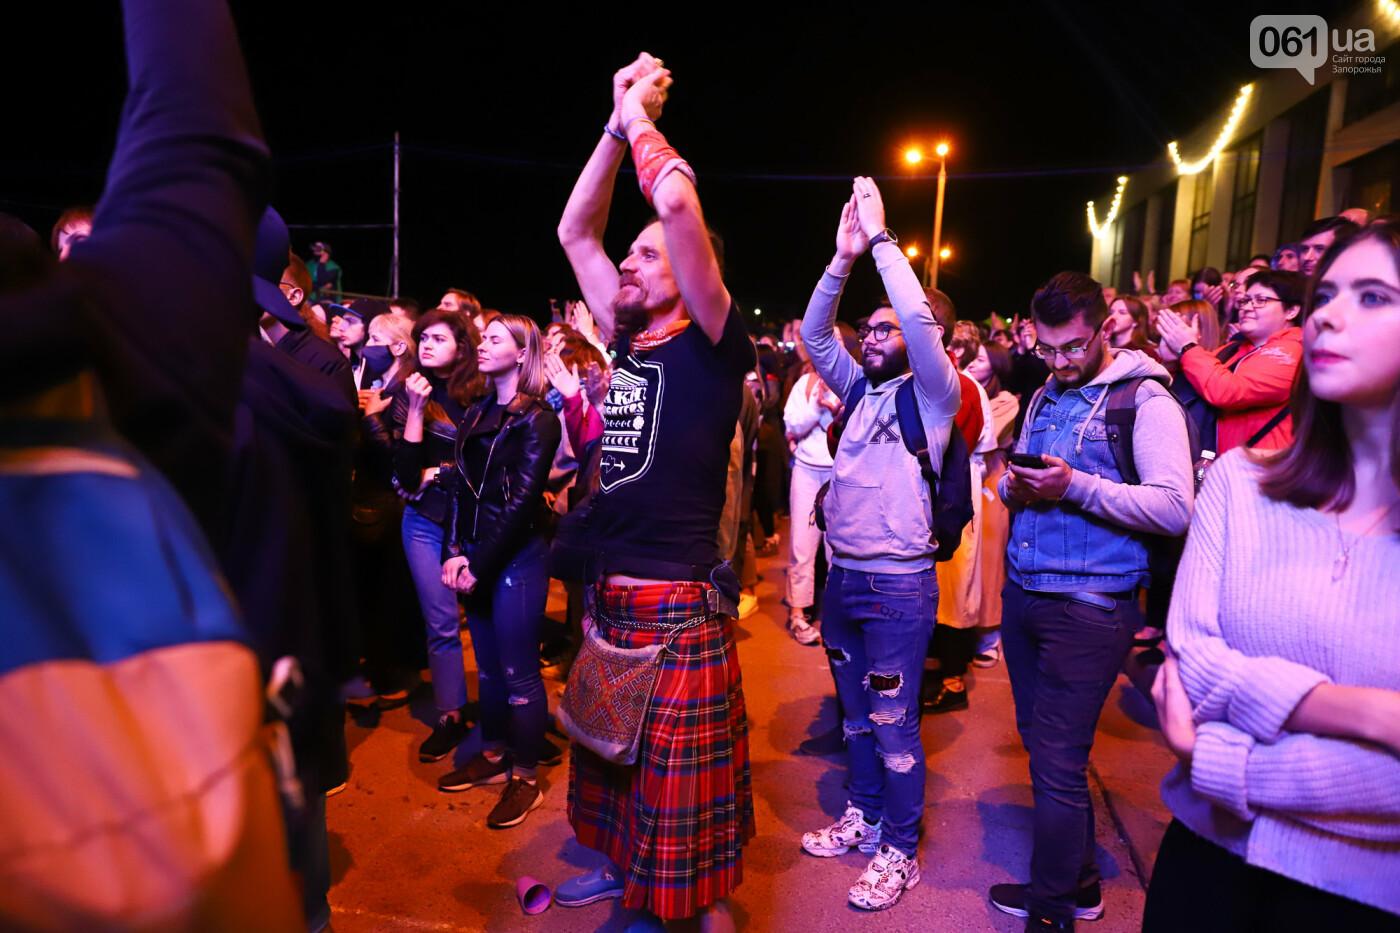 ЛГБТ-прайд, эко-митинг и восстановленные скульптуры в сквере Пионеров: сентябрь в фотографиях , фото-94